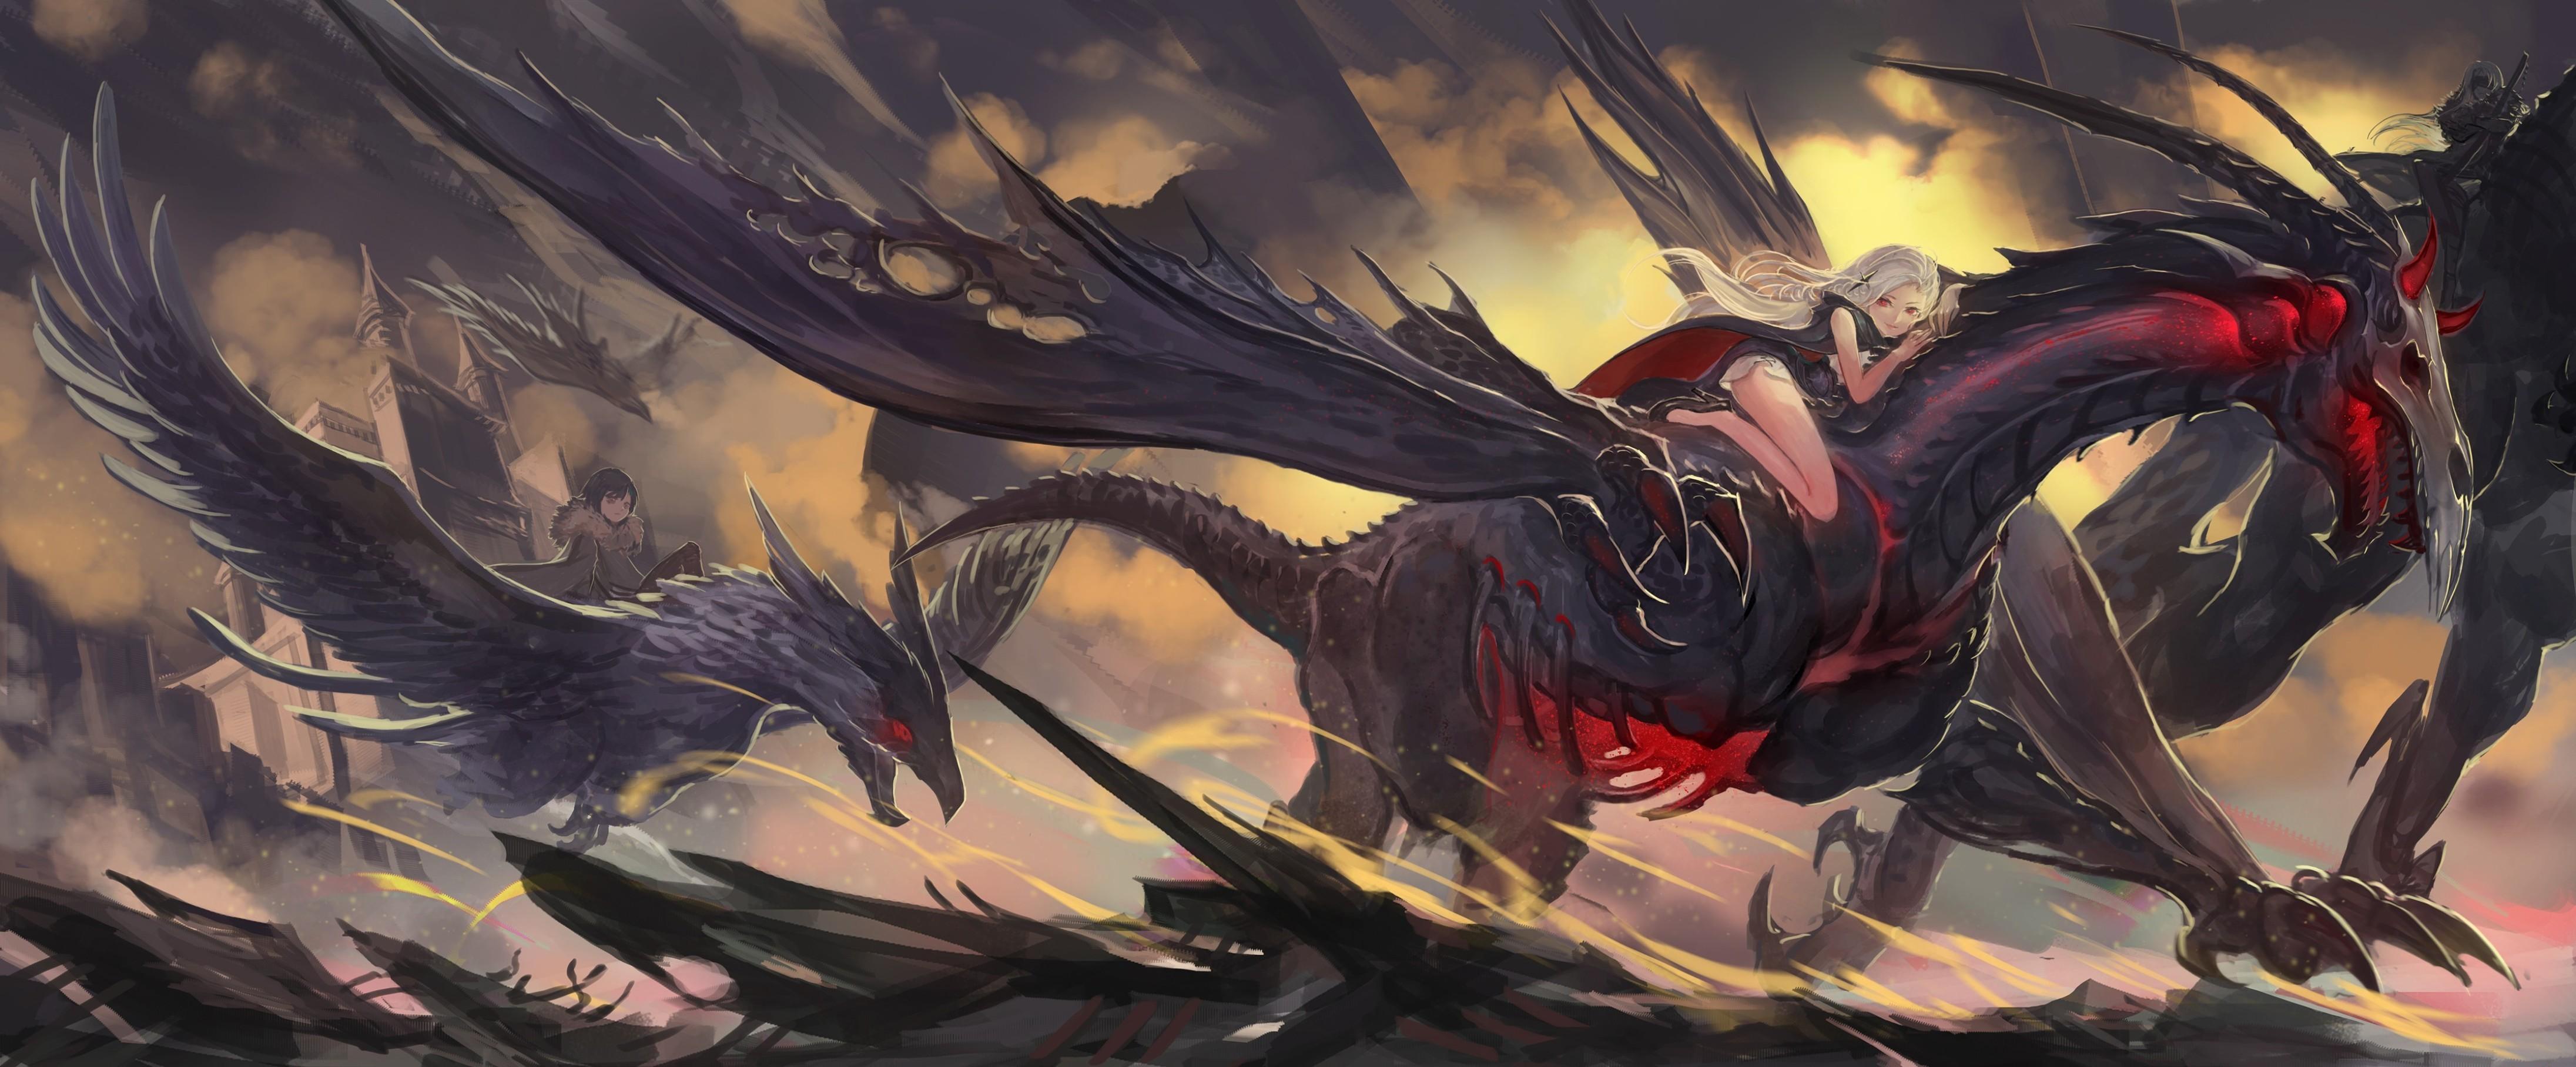 4K Cool Dragon Wallpapers - WallpaperSafari